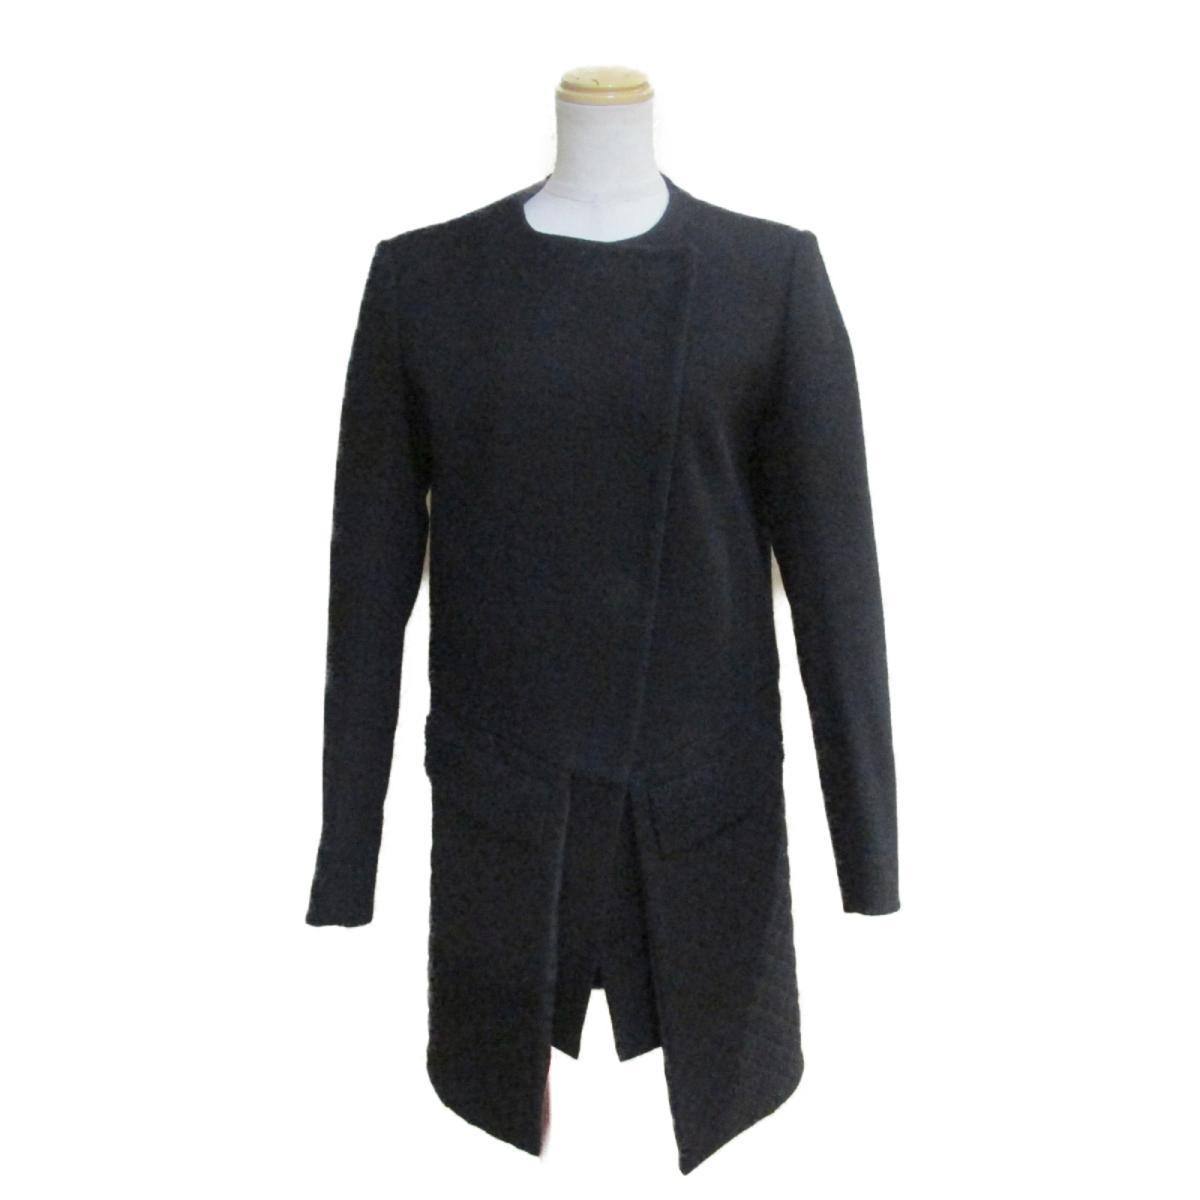 【中古】 フェンディ コート レディース ウール100% ブラック   FENDI BRANDOFF ブランドオフ 衣料品 衣類 ブランド アウター ジャケット